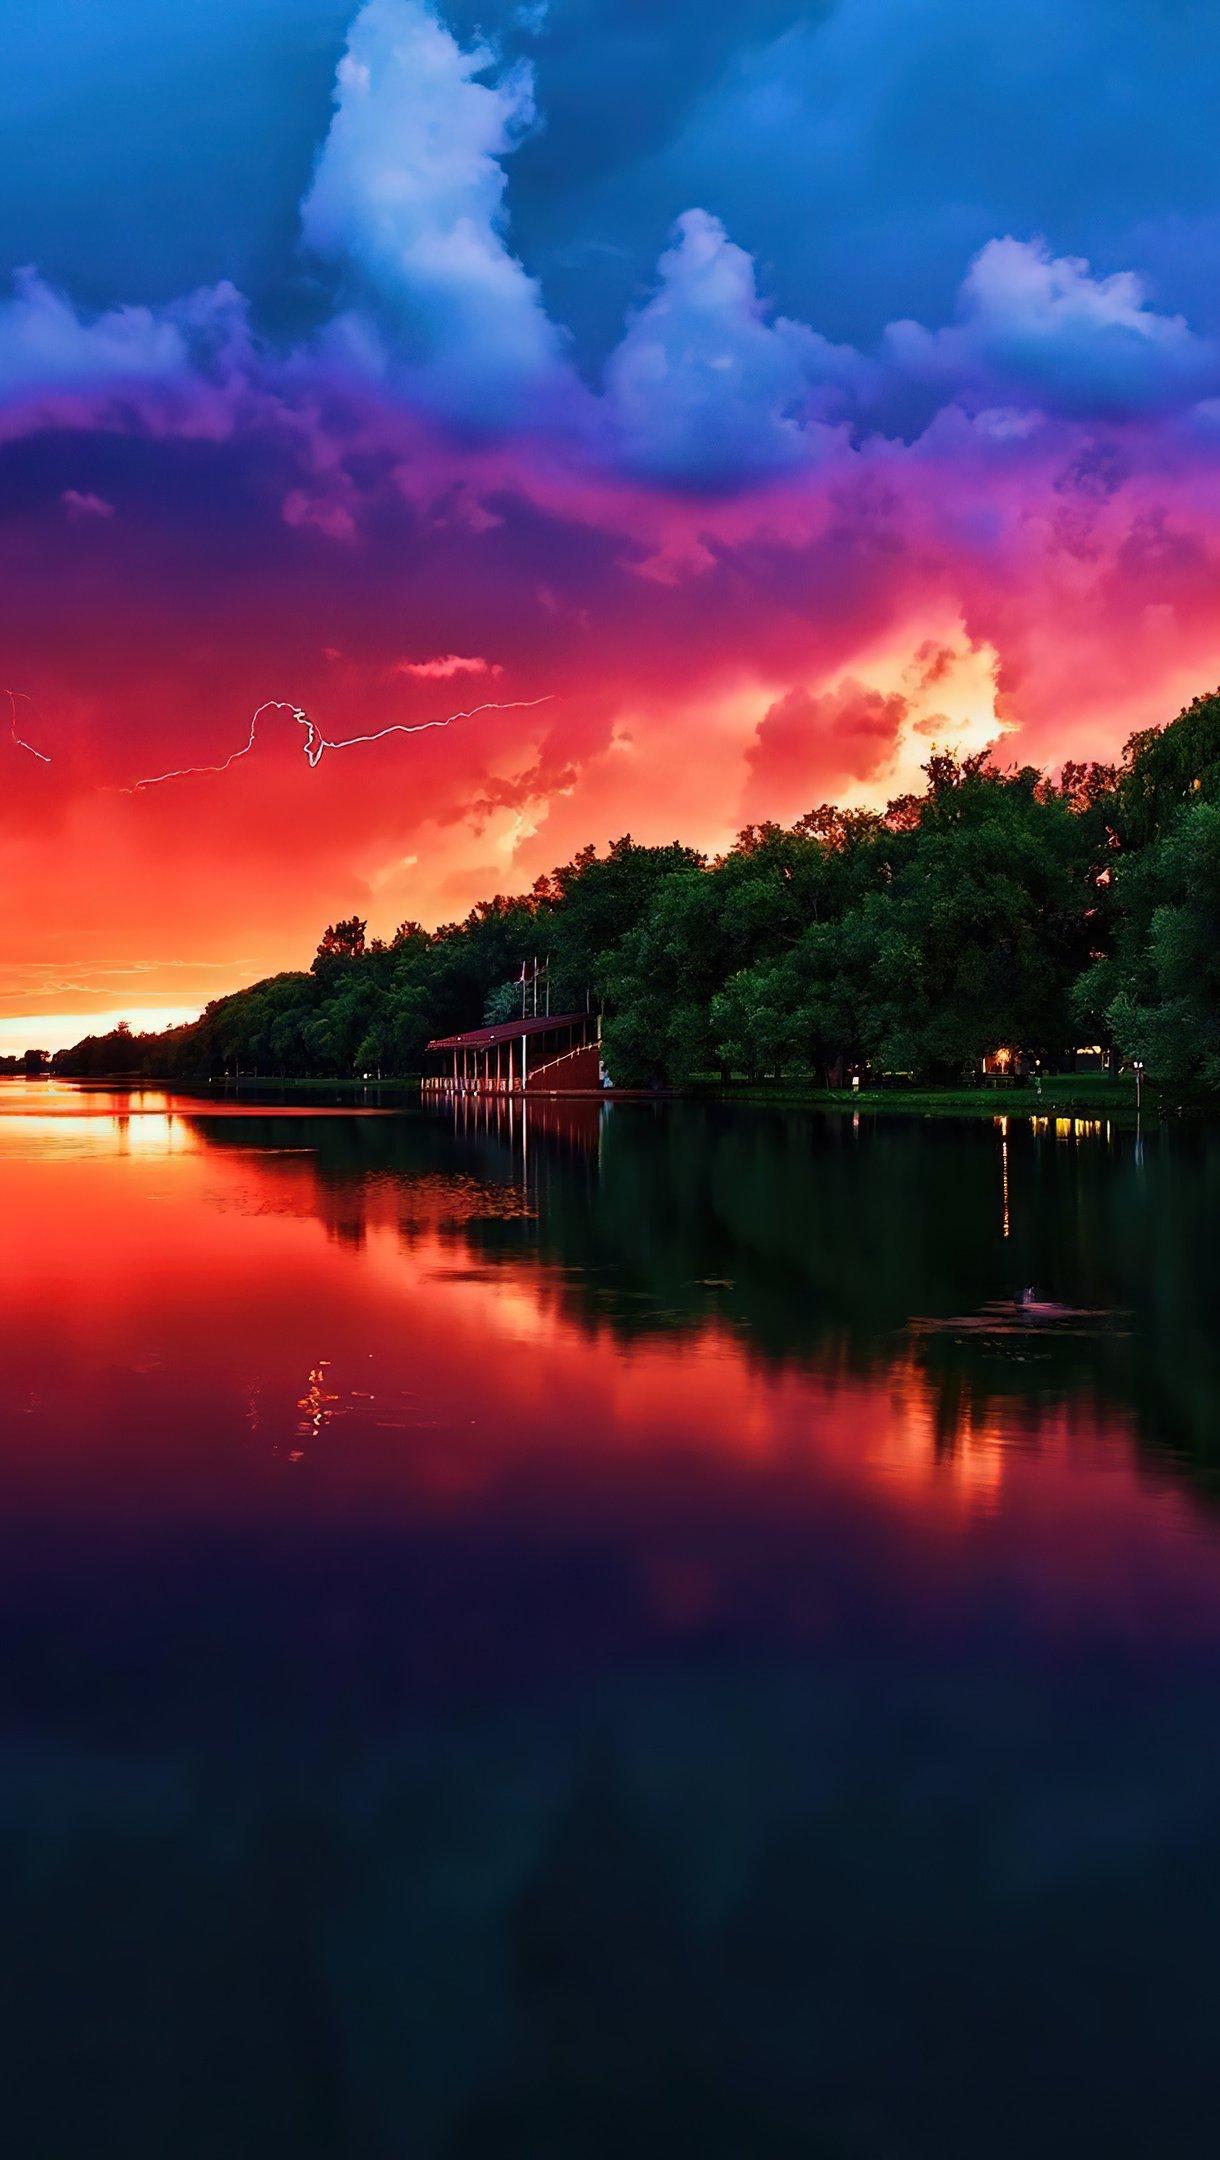 Fondos de pantalla Atardecer nublado en lago Vertical